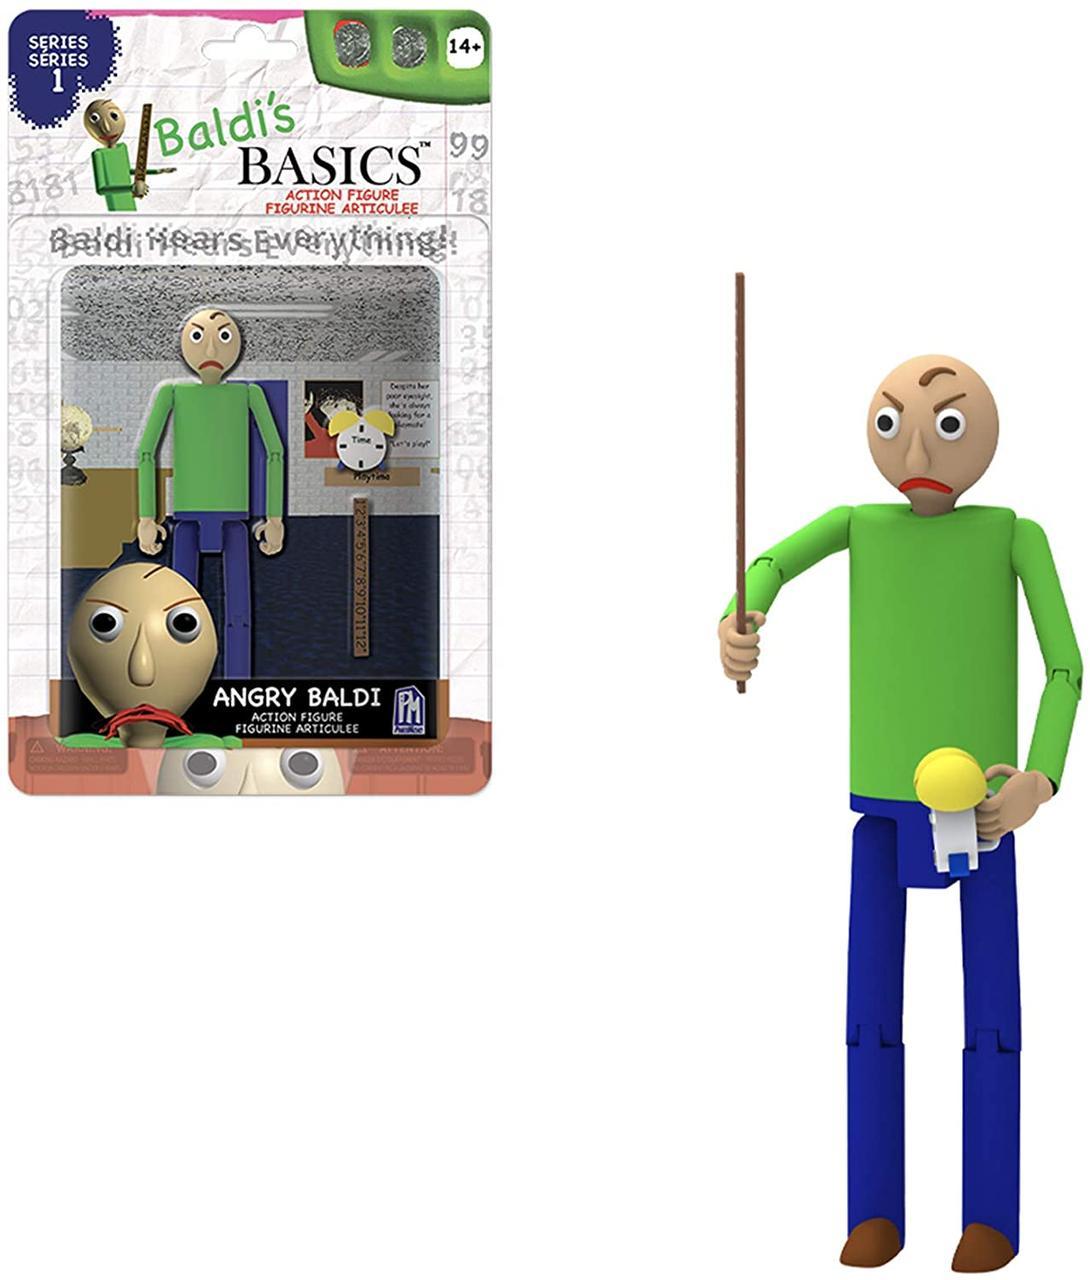 Подвижная фигурка Злой Балди (Angry Baldi) из игры Baldis Basics